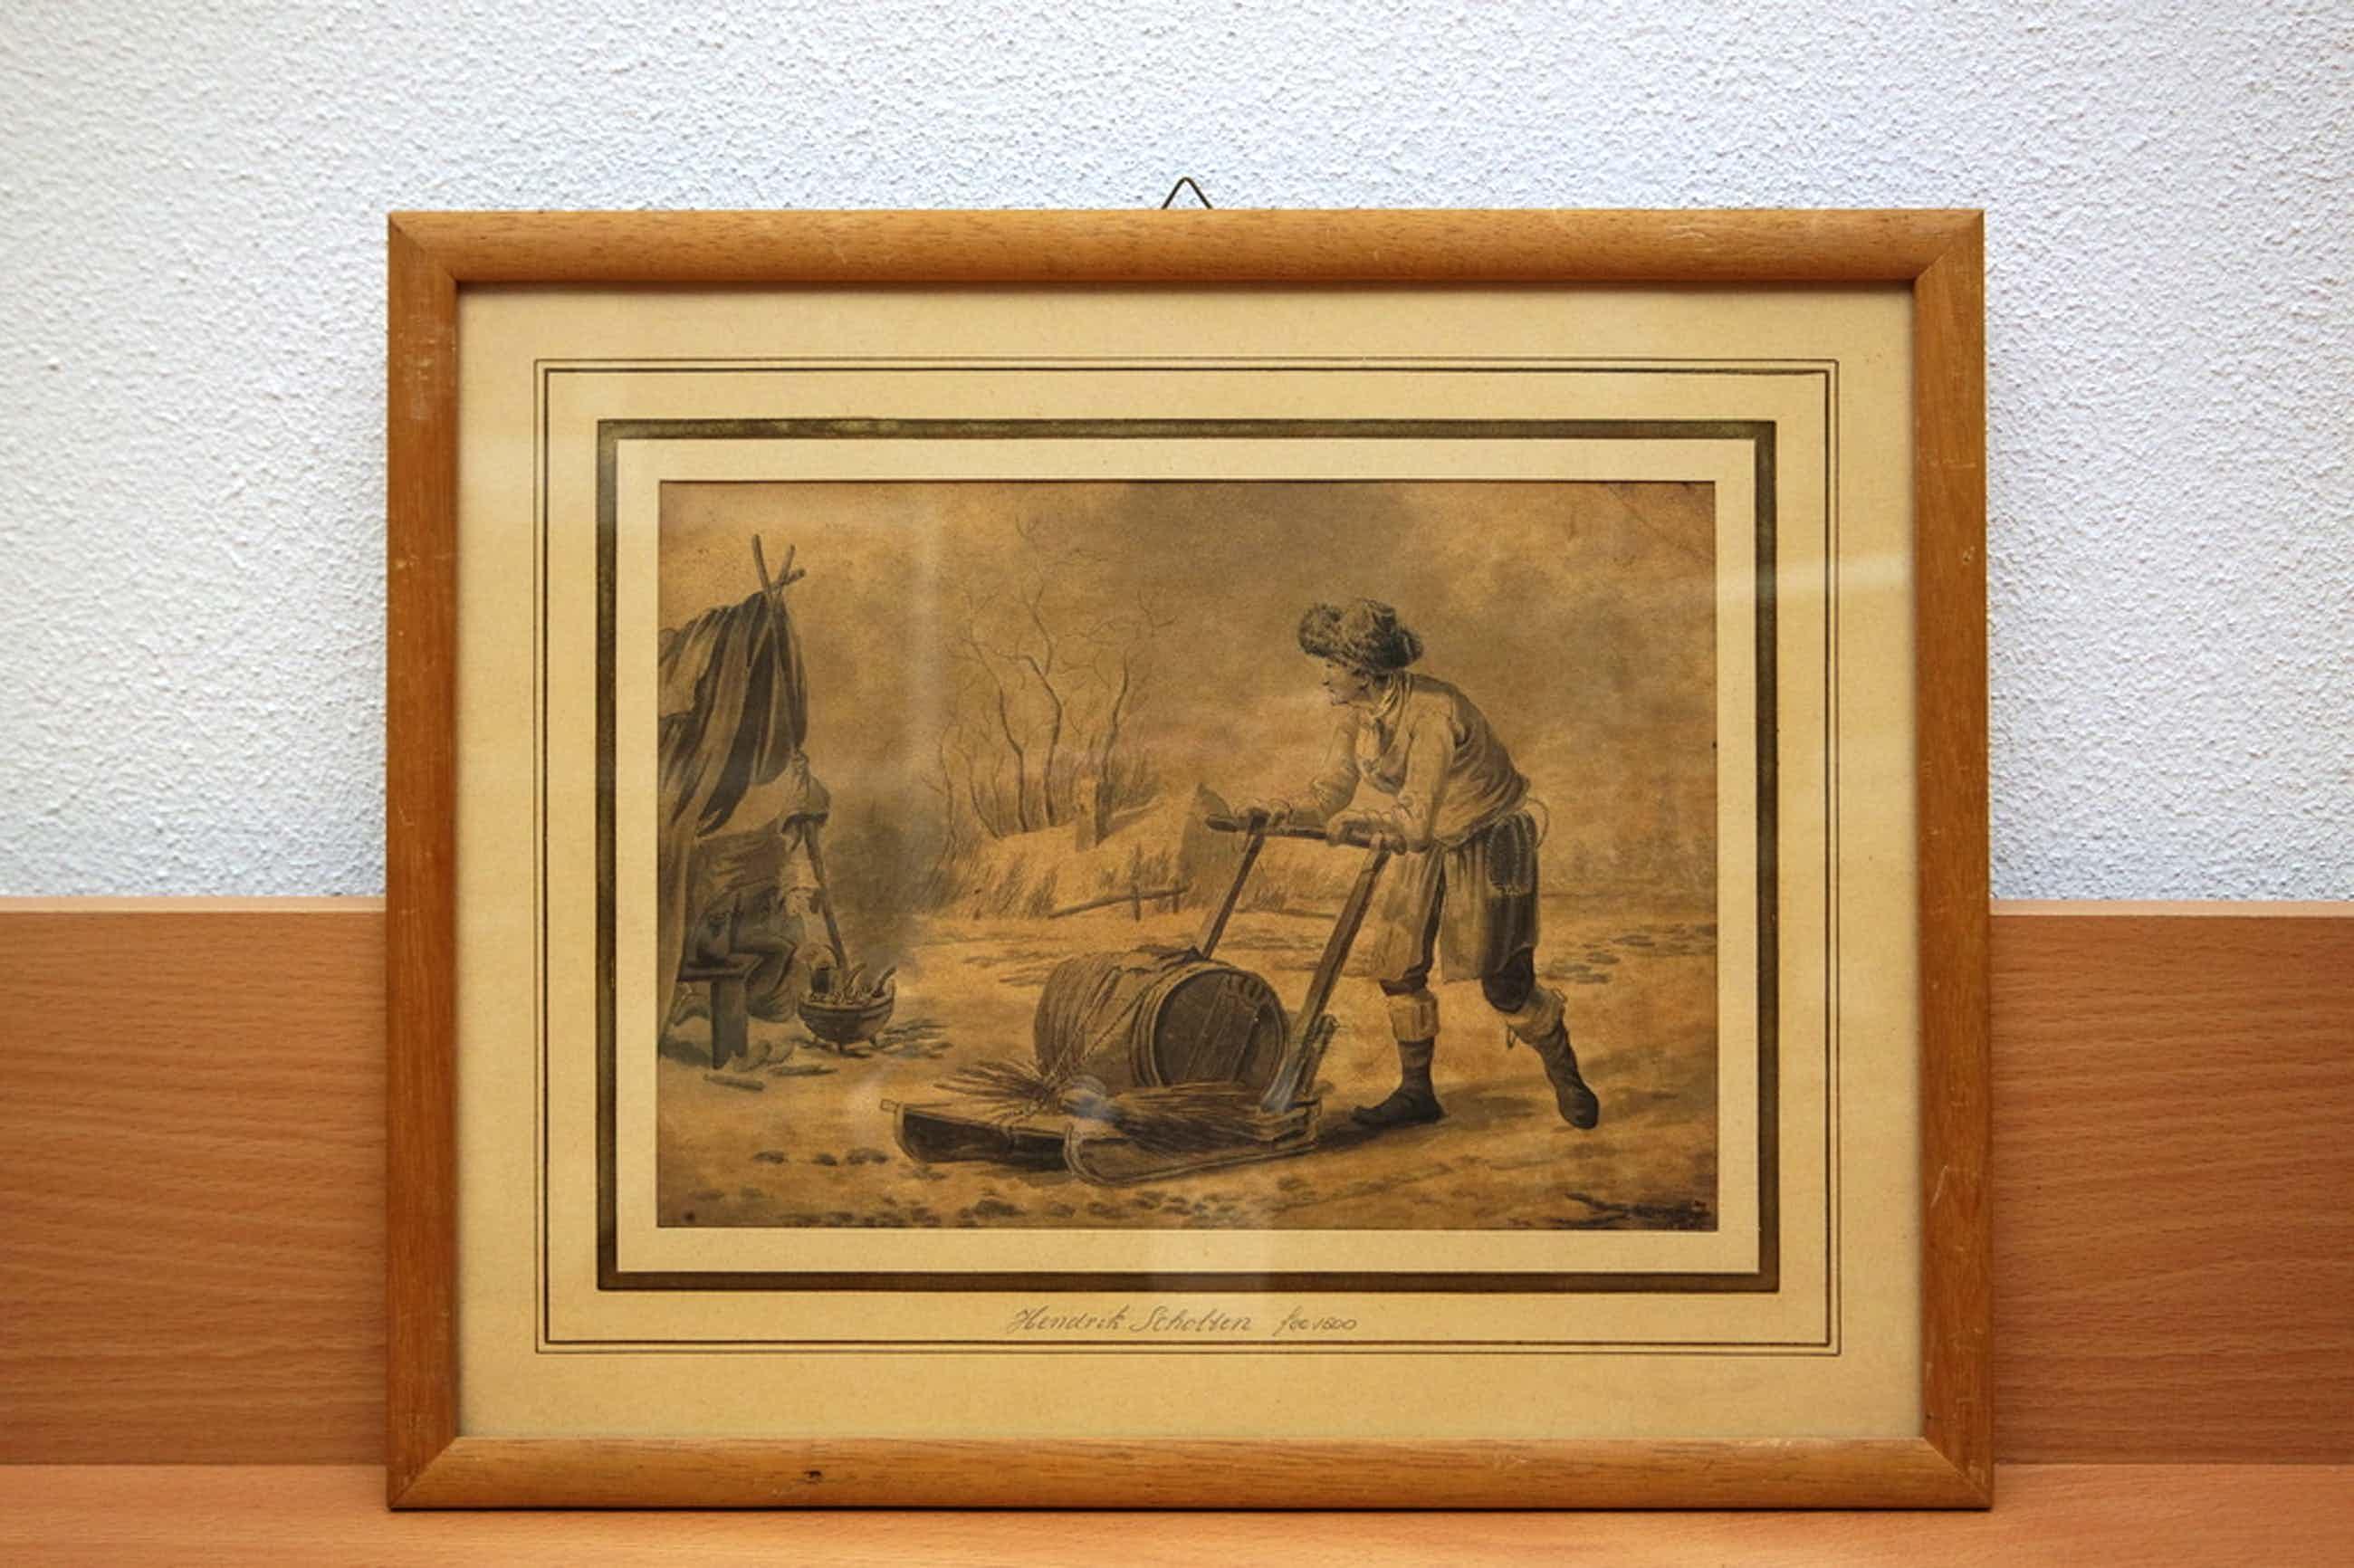 Hendrik Jacobus Scholten (1824-1907) - tartaar met slee in winters landschap kopen? Bied vanaf 100!